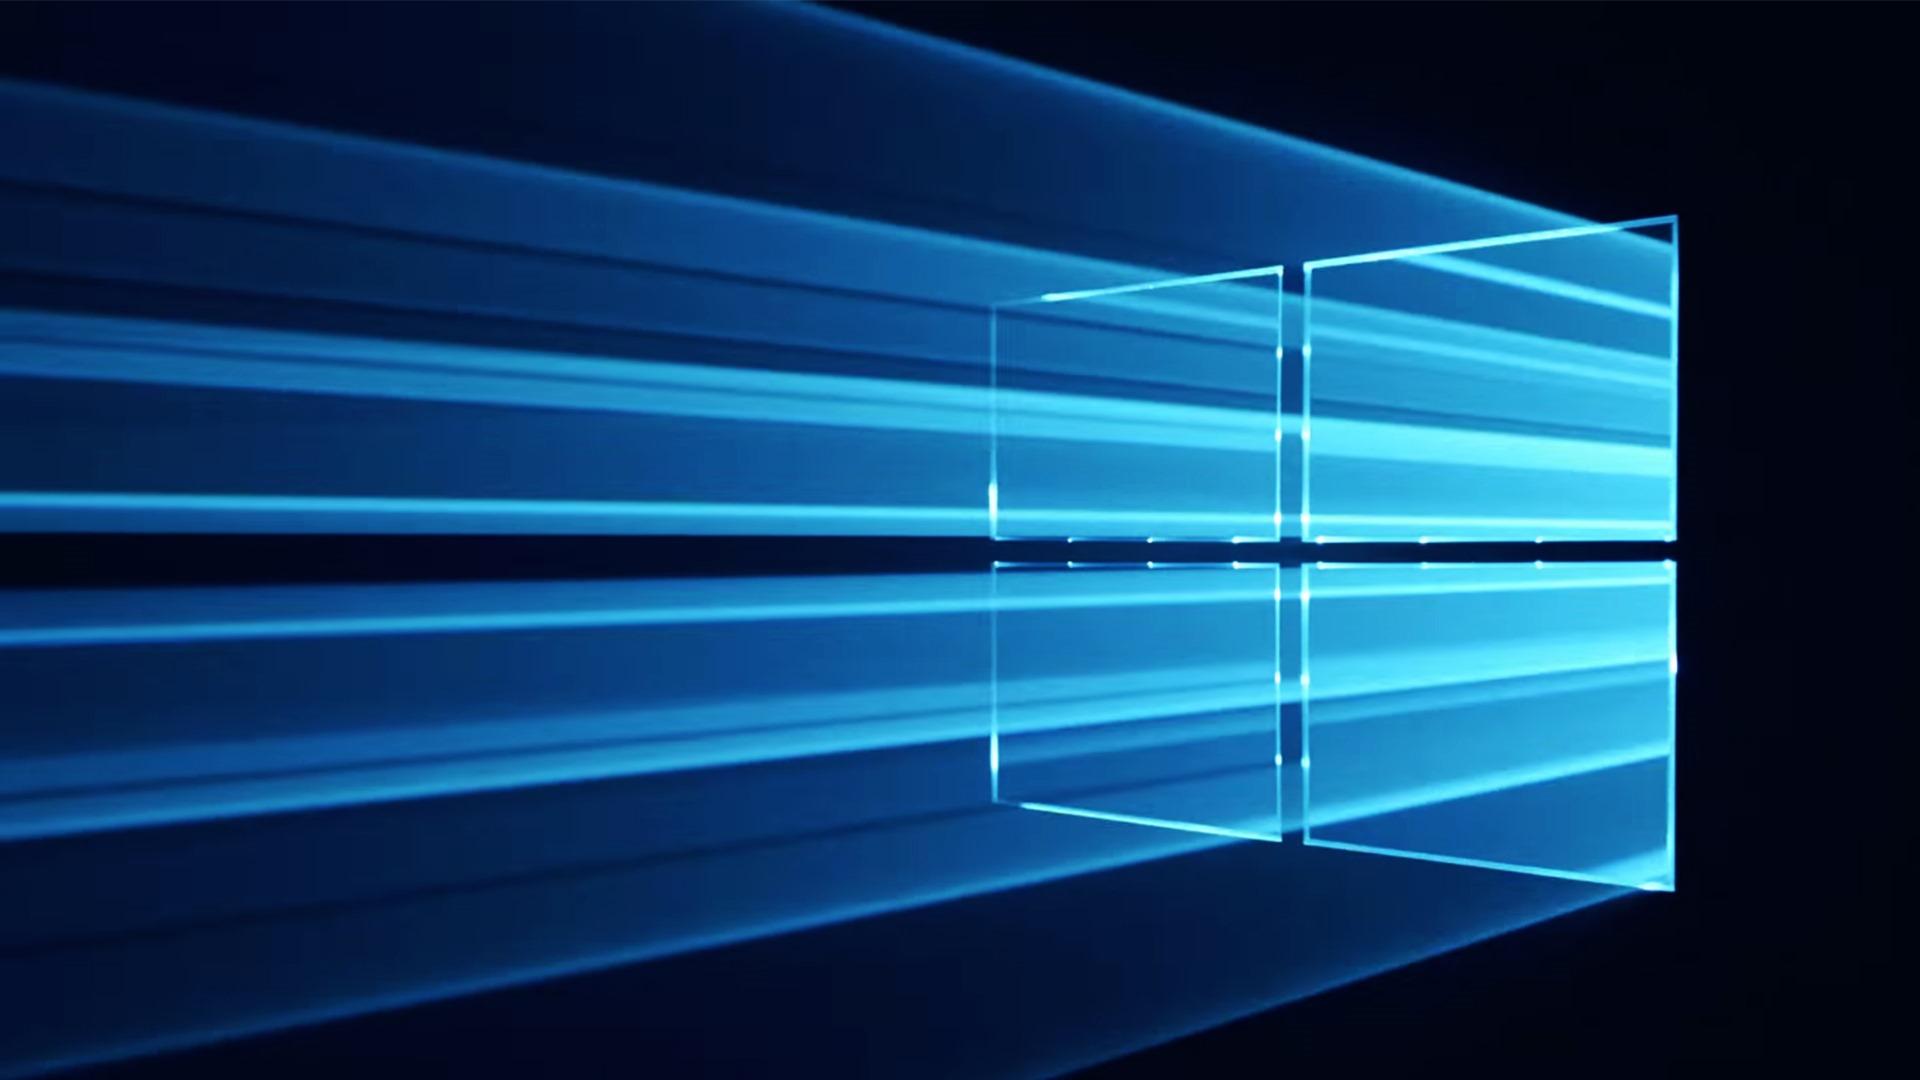 Rog Animated Wallpaper Windows 10 Hd Desktop Hintergrund Sammlung 2 17